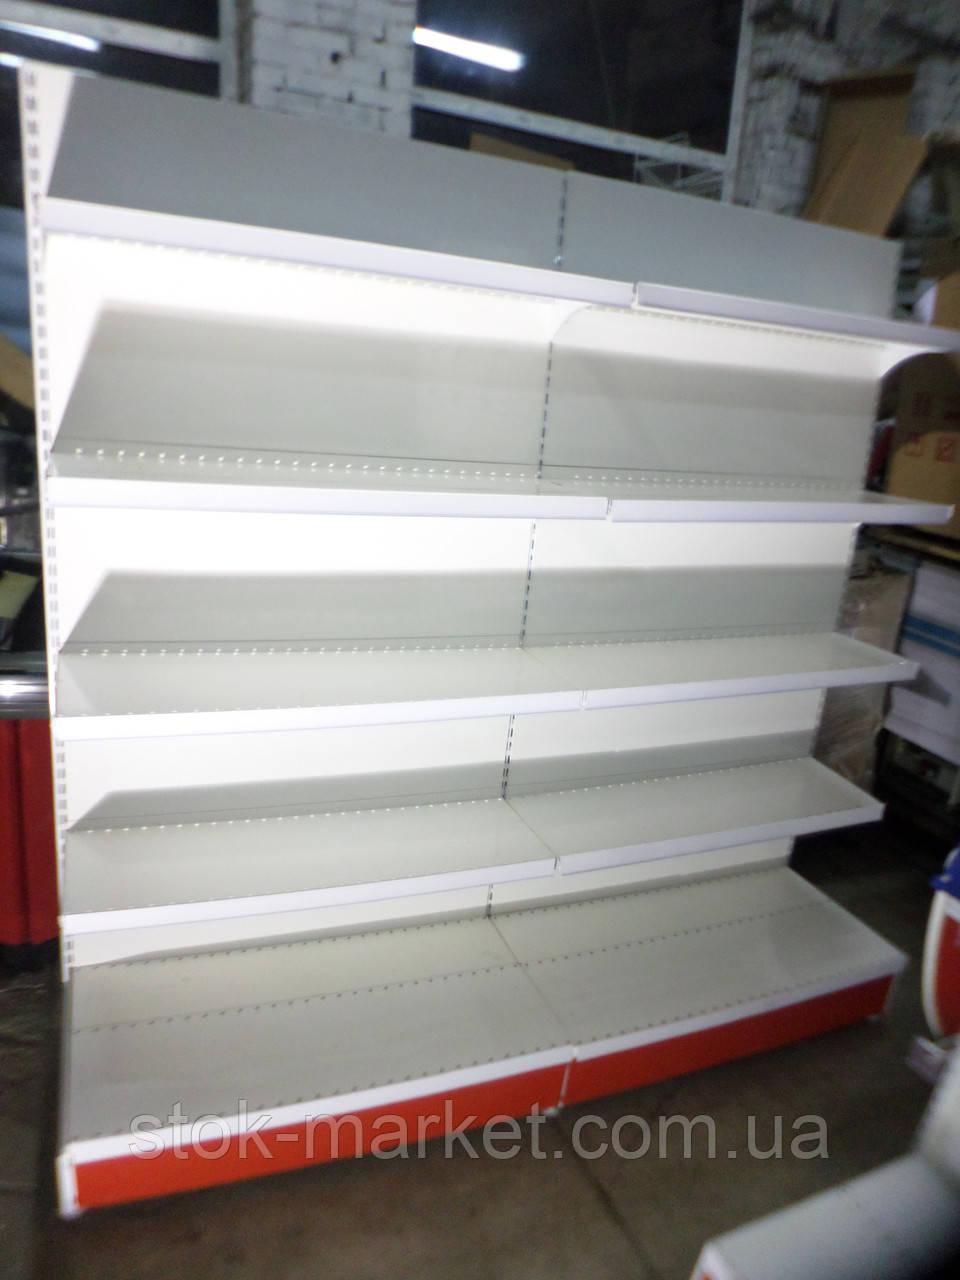 Стеллаж пристенный торговый б/у 6,8 м., торговие металлические стеллажи б у.